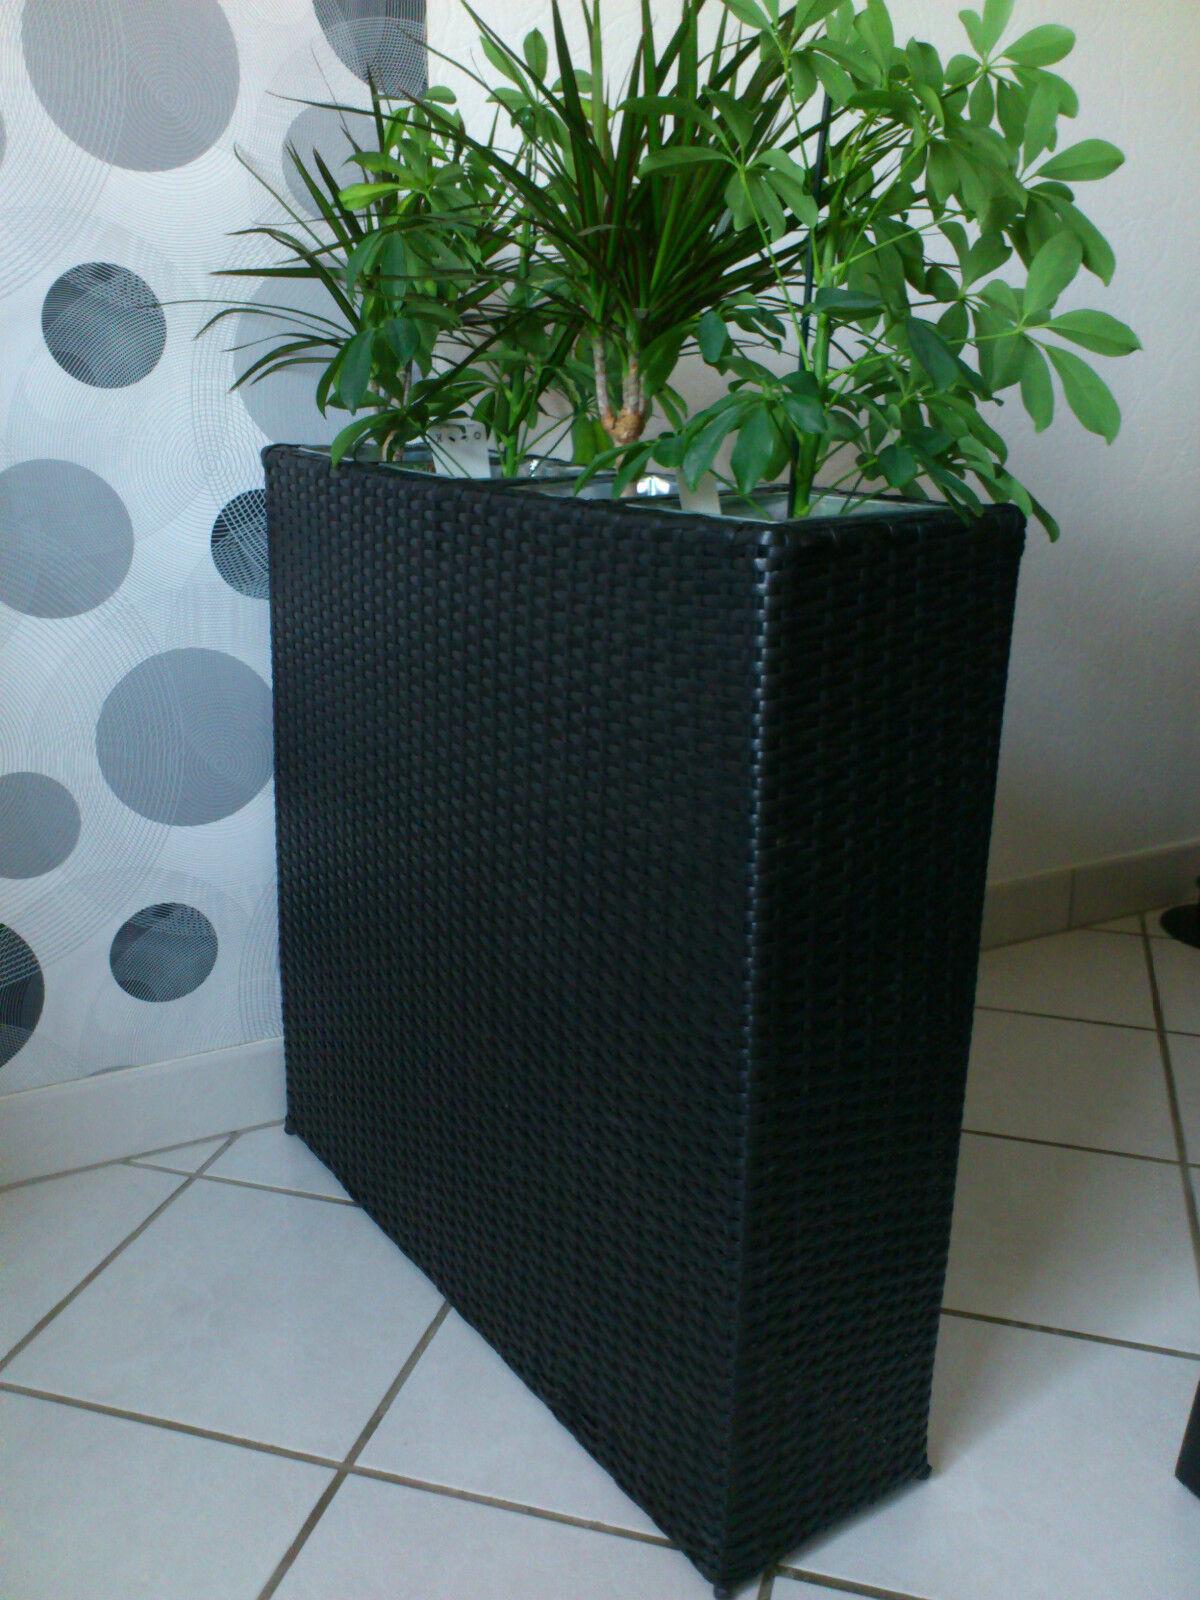 blumenk bel schwarz pflanzk bel raumtrenner sichtschutz pflanzgef polyrattan eur 51 00. Black Bedroom Furniture Sets. Home Design Ideas